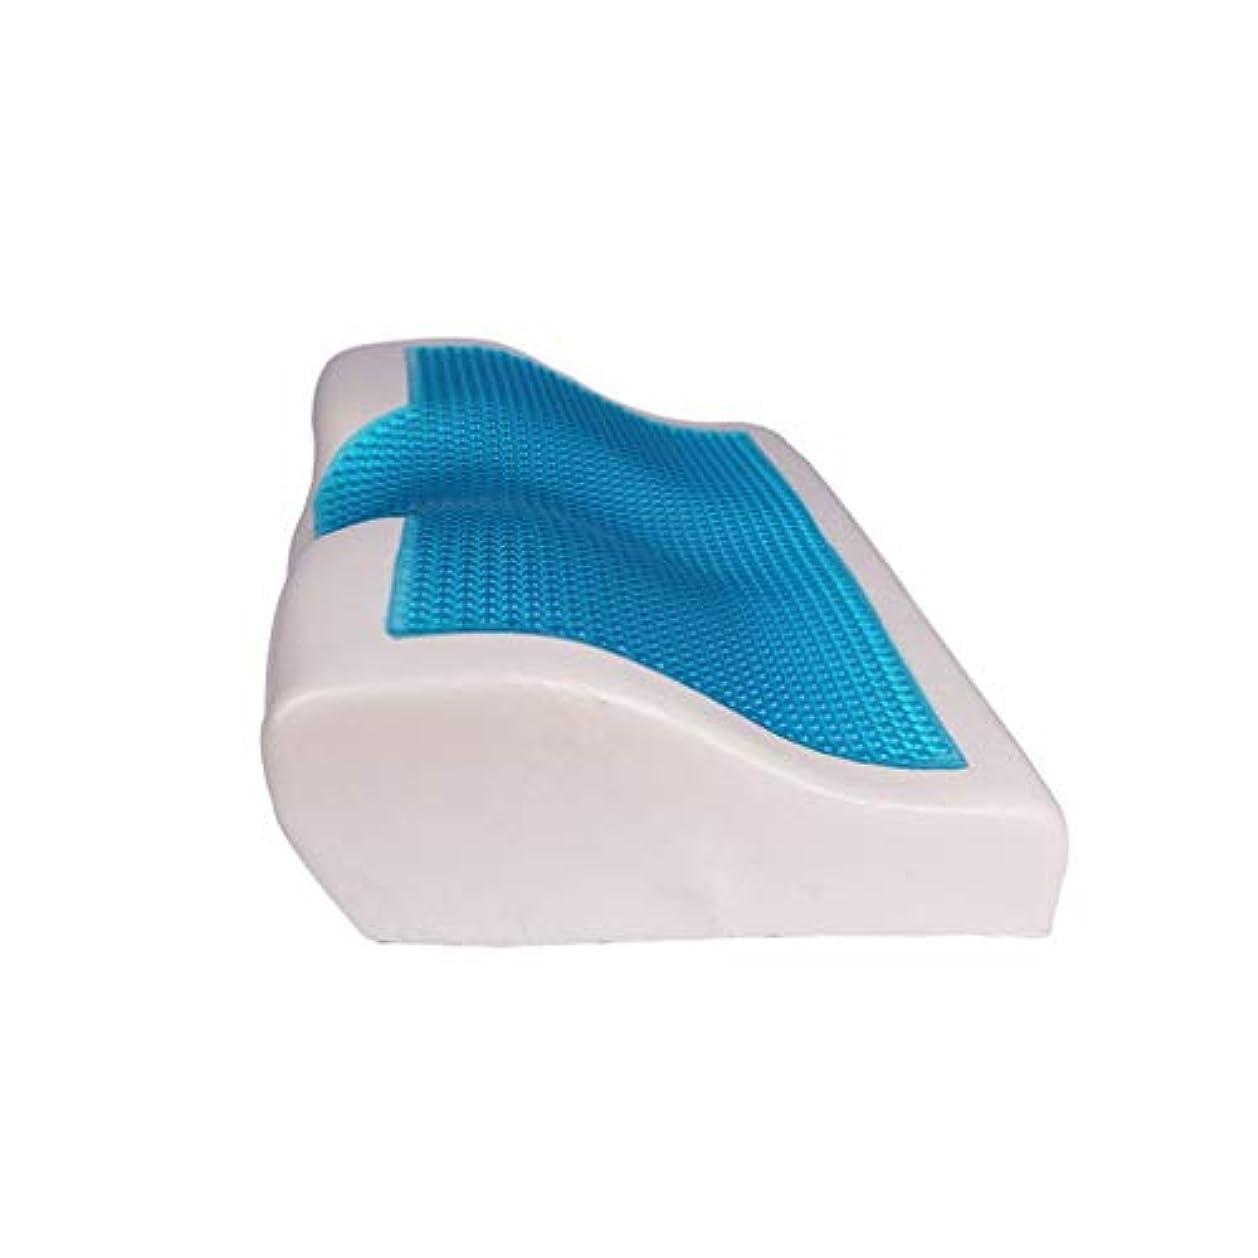 原因スポーツをする酸化物低反発クールなジェル枕夏の冷たい眠りの青涼しい快適なジェルベッド枕クッション用寝具